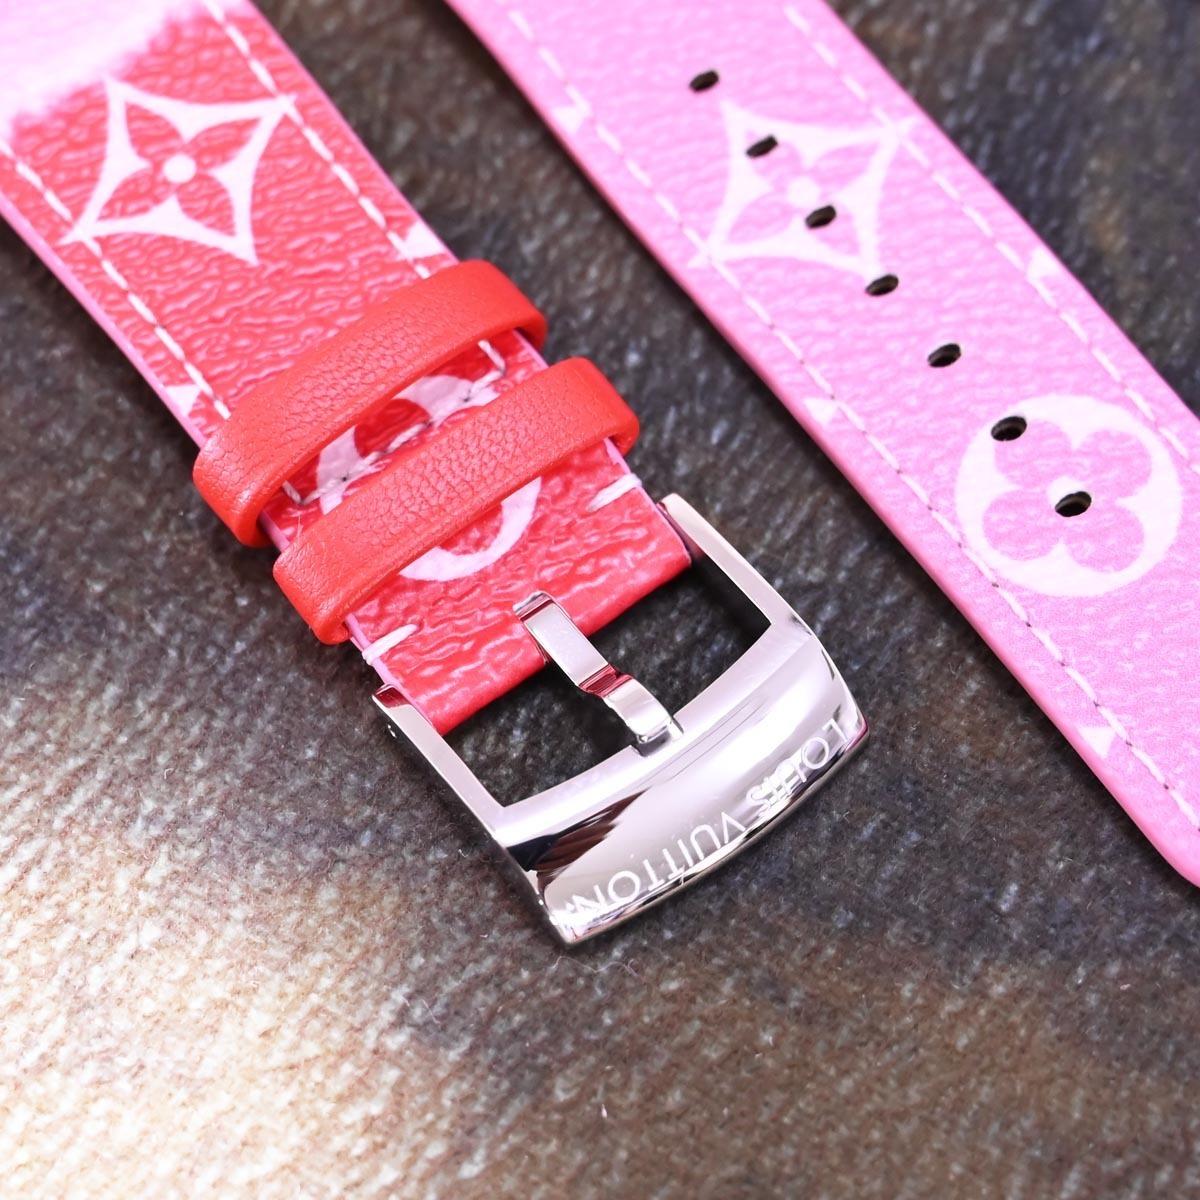 本物 新品 ルイヴィトン 極希少 モノグラム エスカル 現行ワンタッチ型 メンズ タンブール ベルト 尾錠 ウォッチバンド 腕時計 バックル_画像3